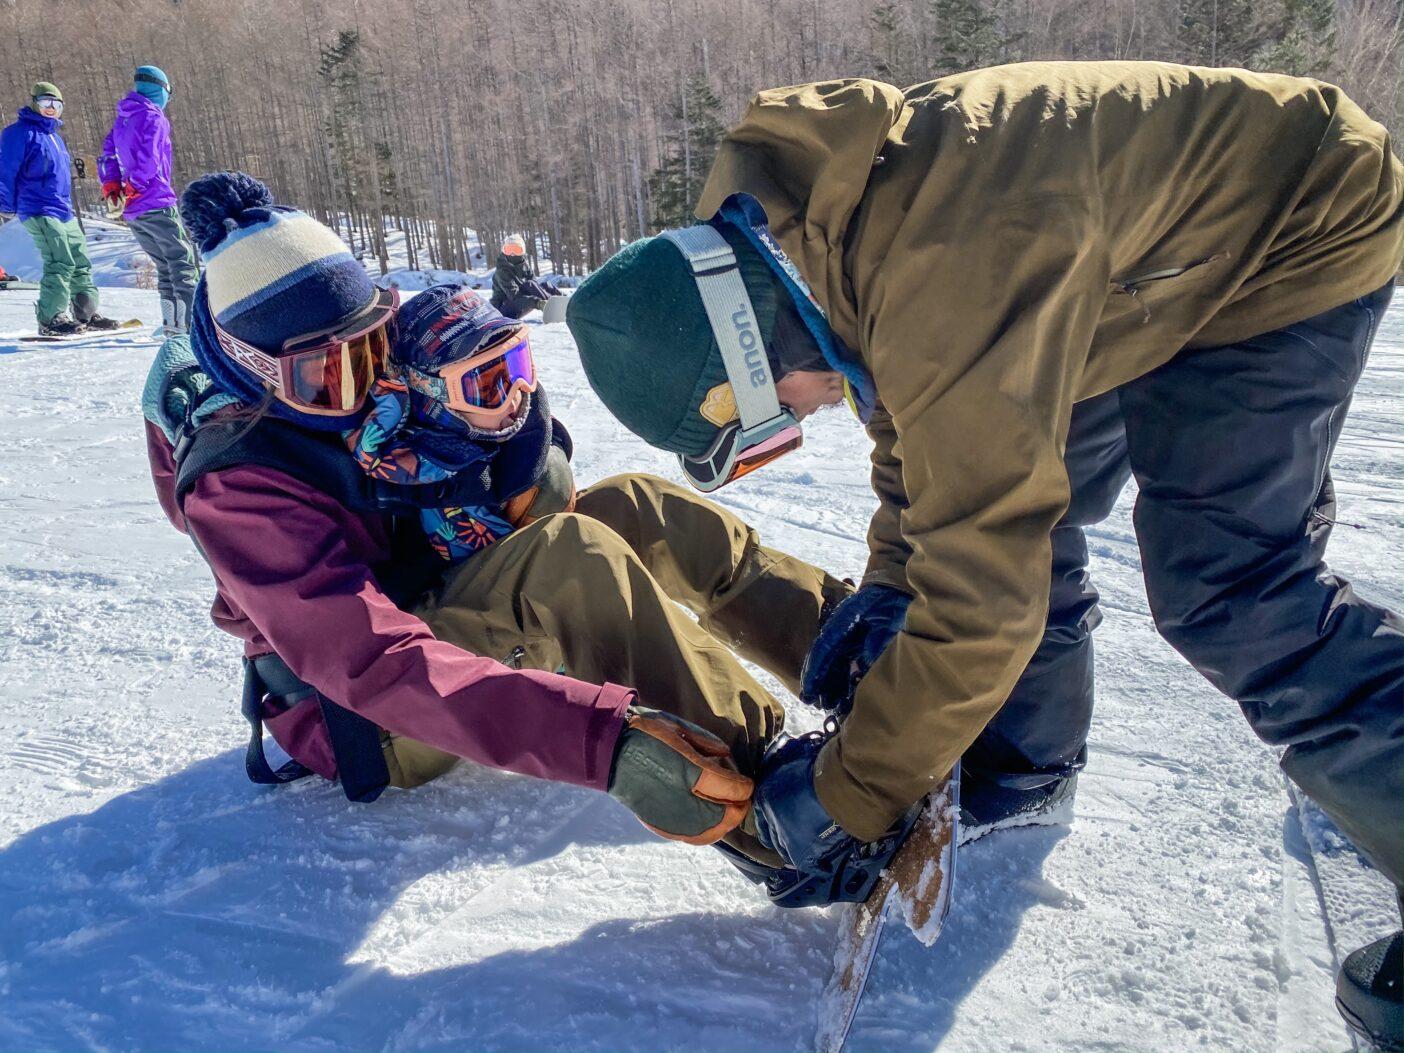 1歳になる息子を抱えてのスノーセッション。手探りながらも日々新しいライフスタイルを探求している。 Photo : Alex Yoder